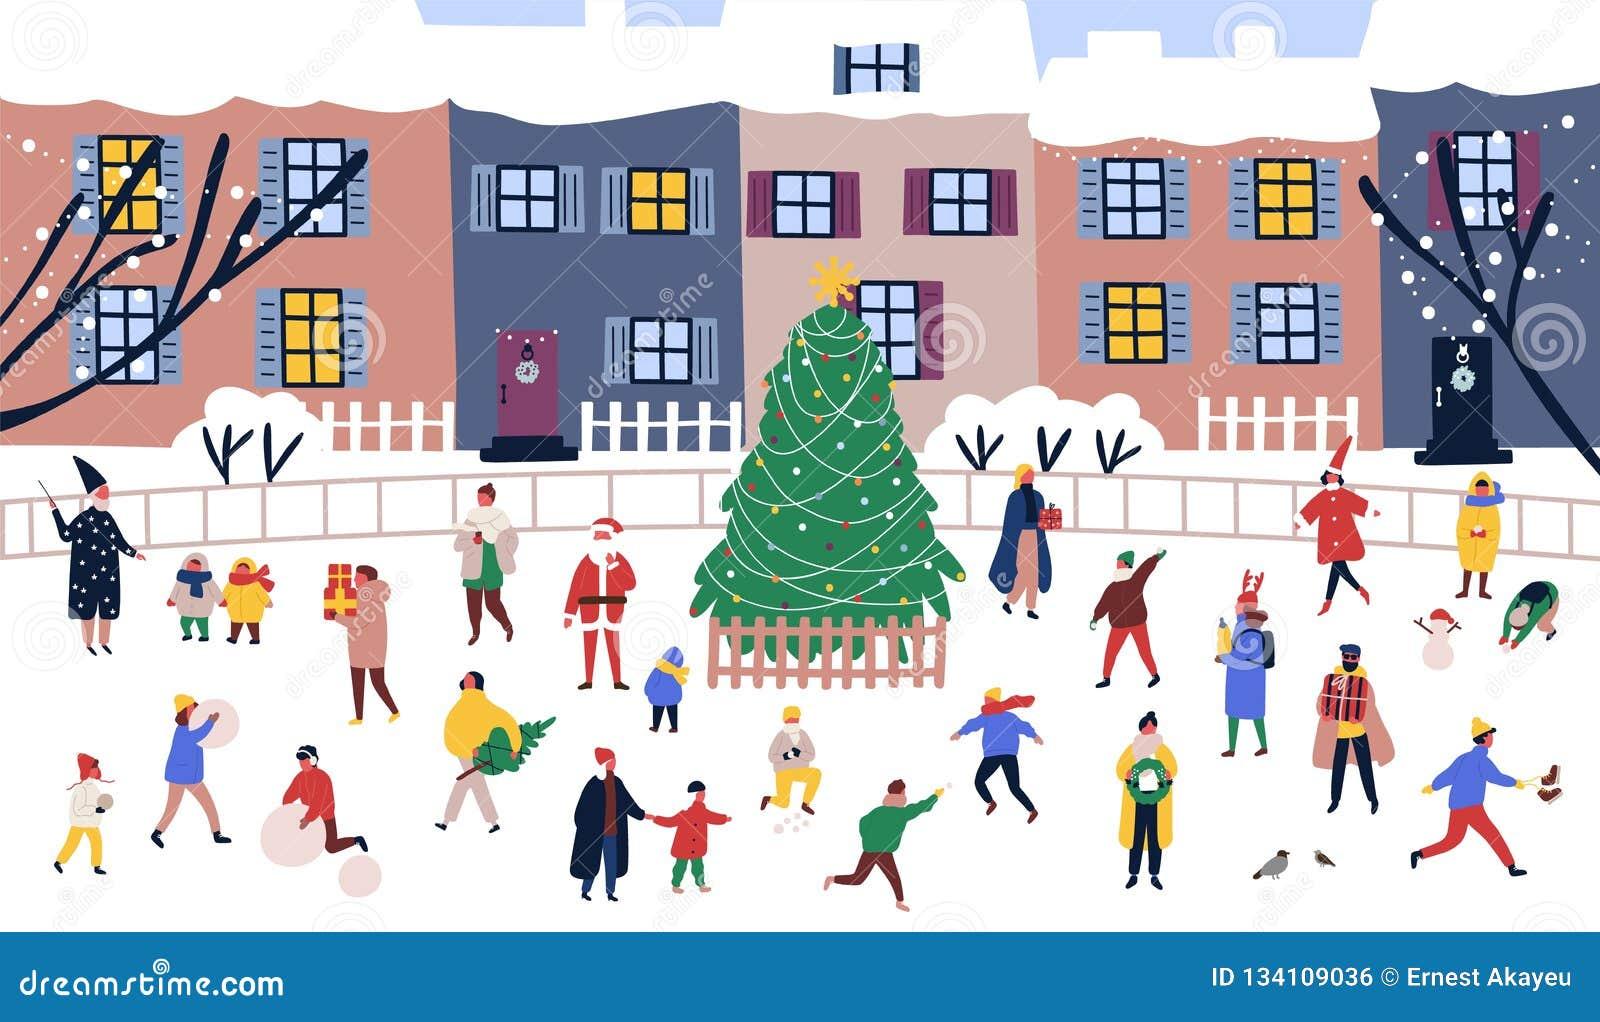 Mannen en vrouwen die rond grote Kerstboom op straat tegen stadsgebouwen lopen op achtergrond Volwassenen en kinderen